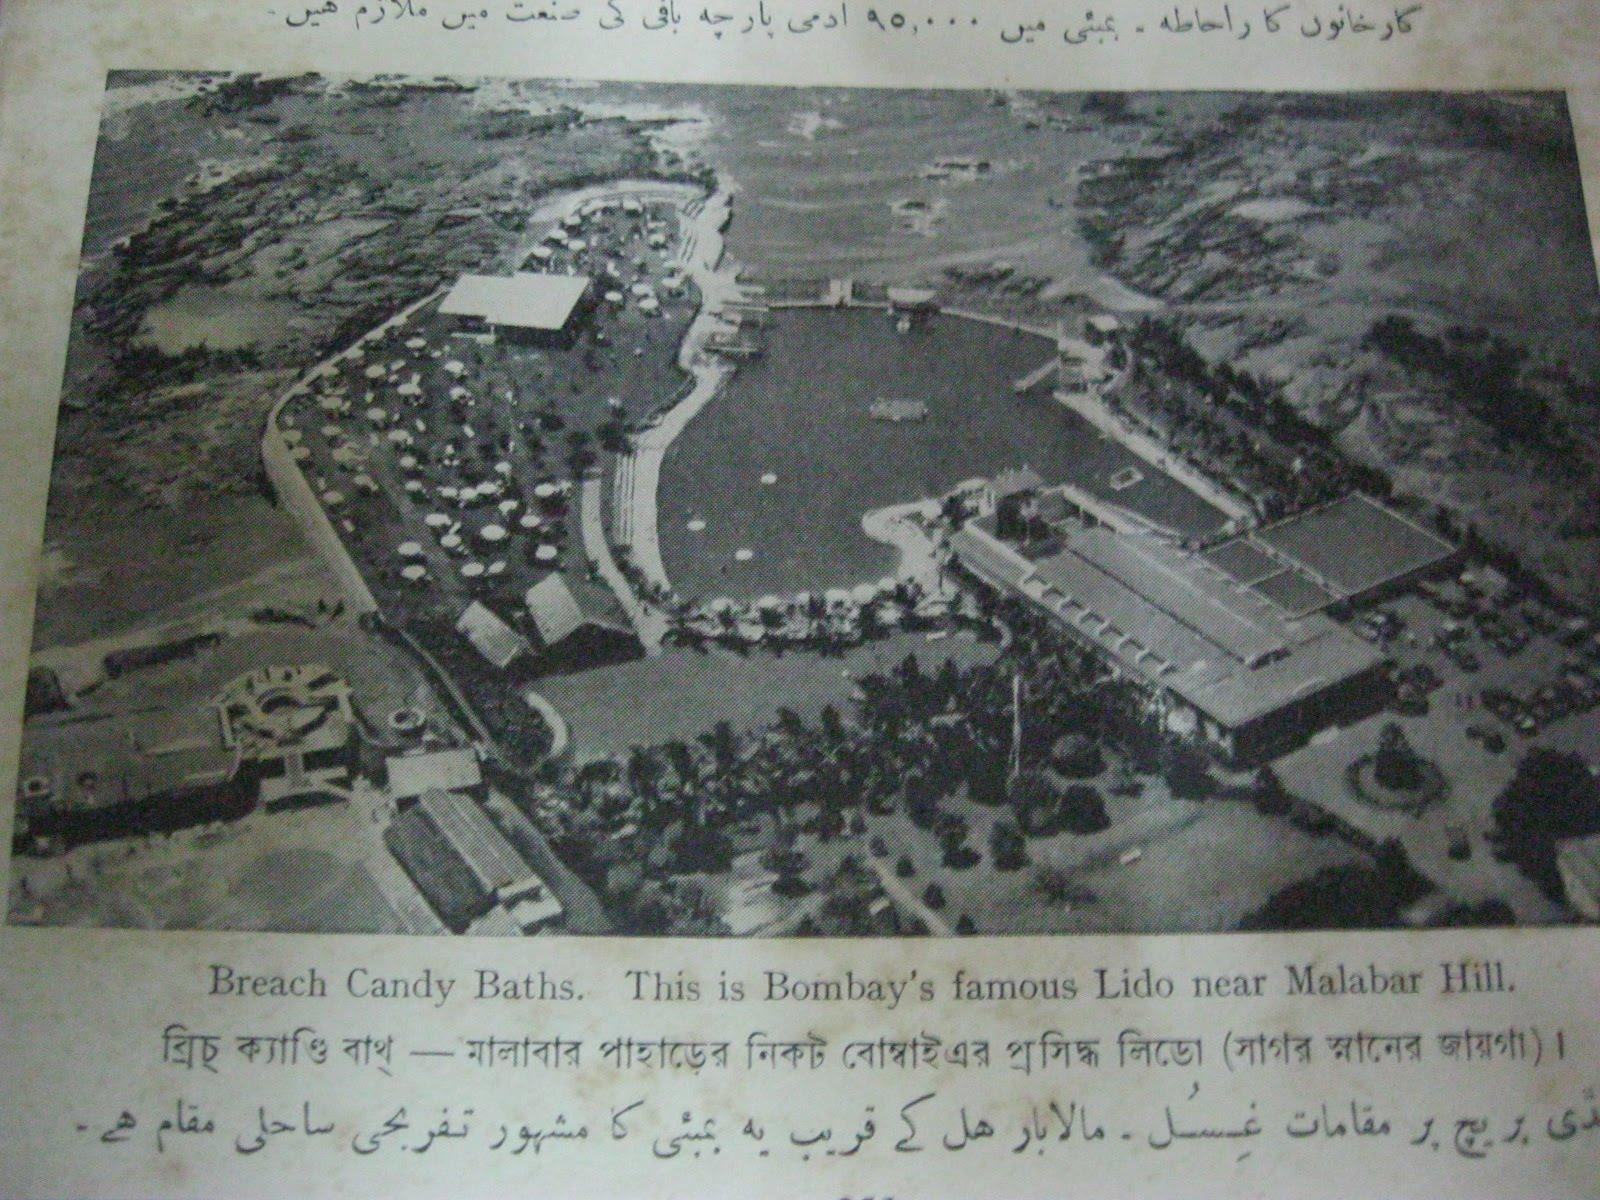 20th January, 1936